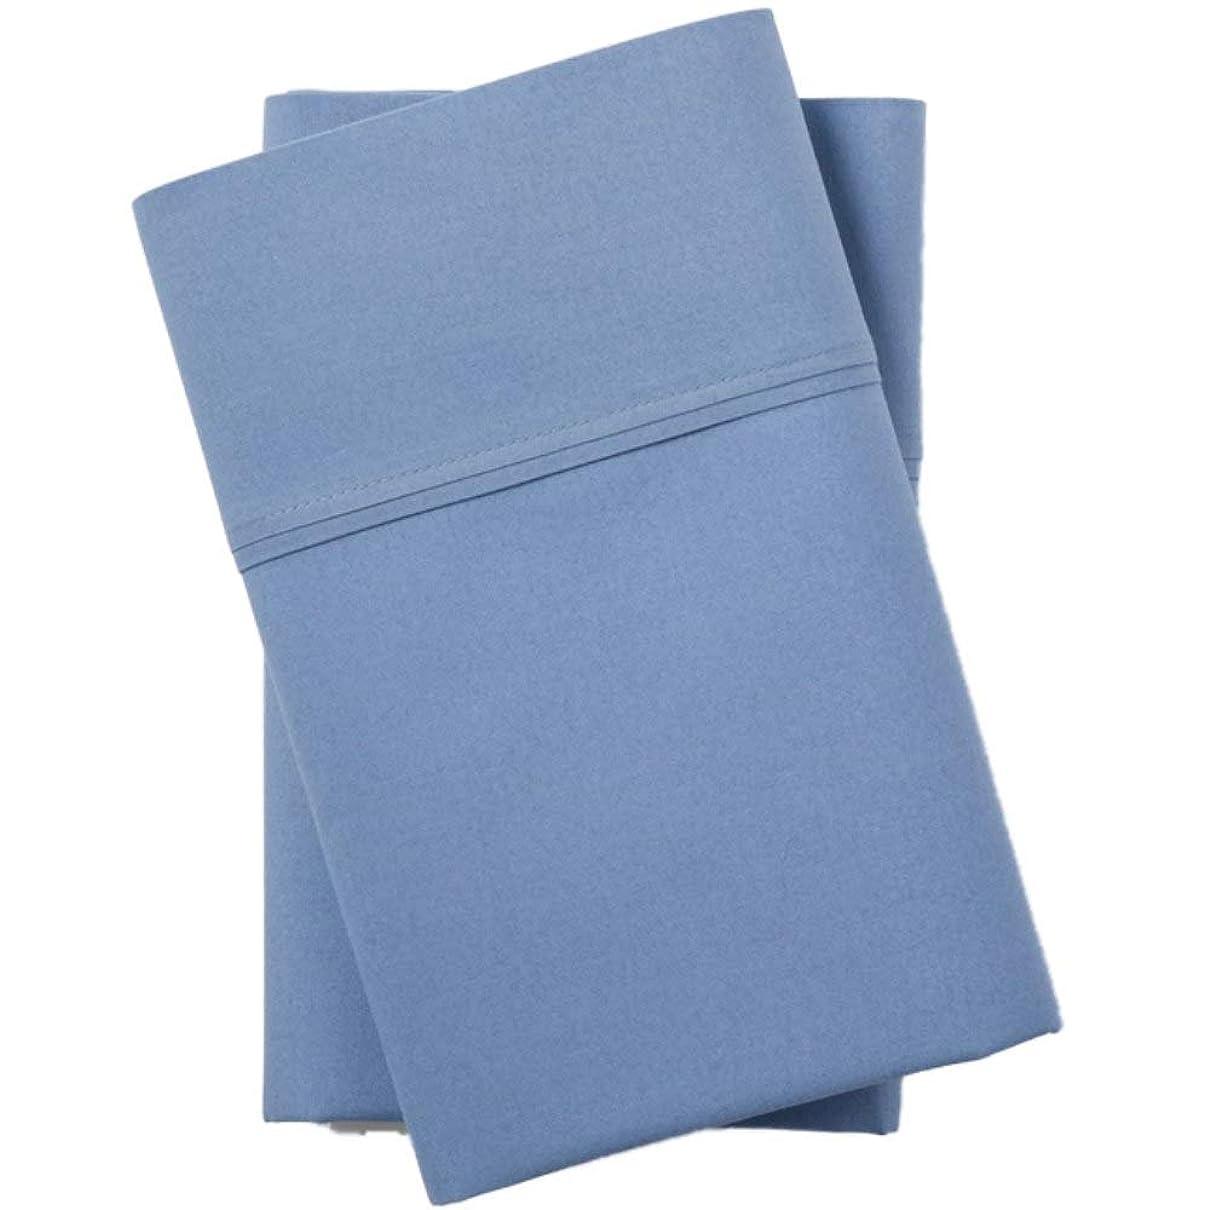 覆す勧告前任者ウルトラソフトソリッド枕カバーセット 300スレッドカウント - 標準